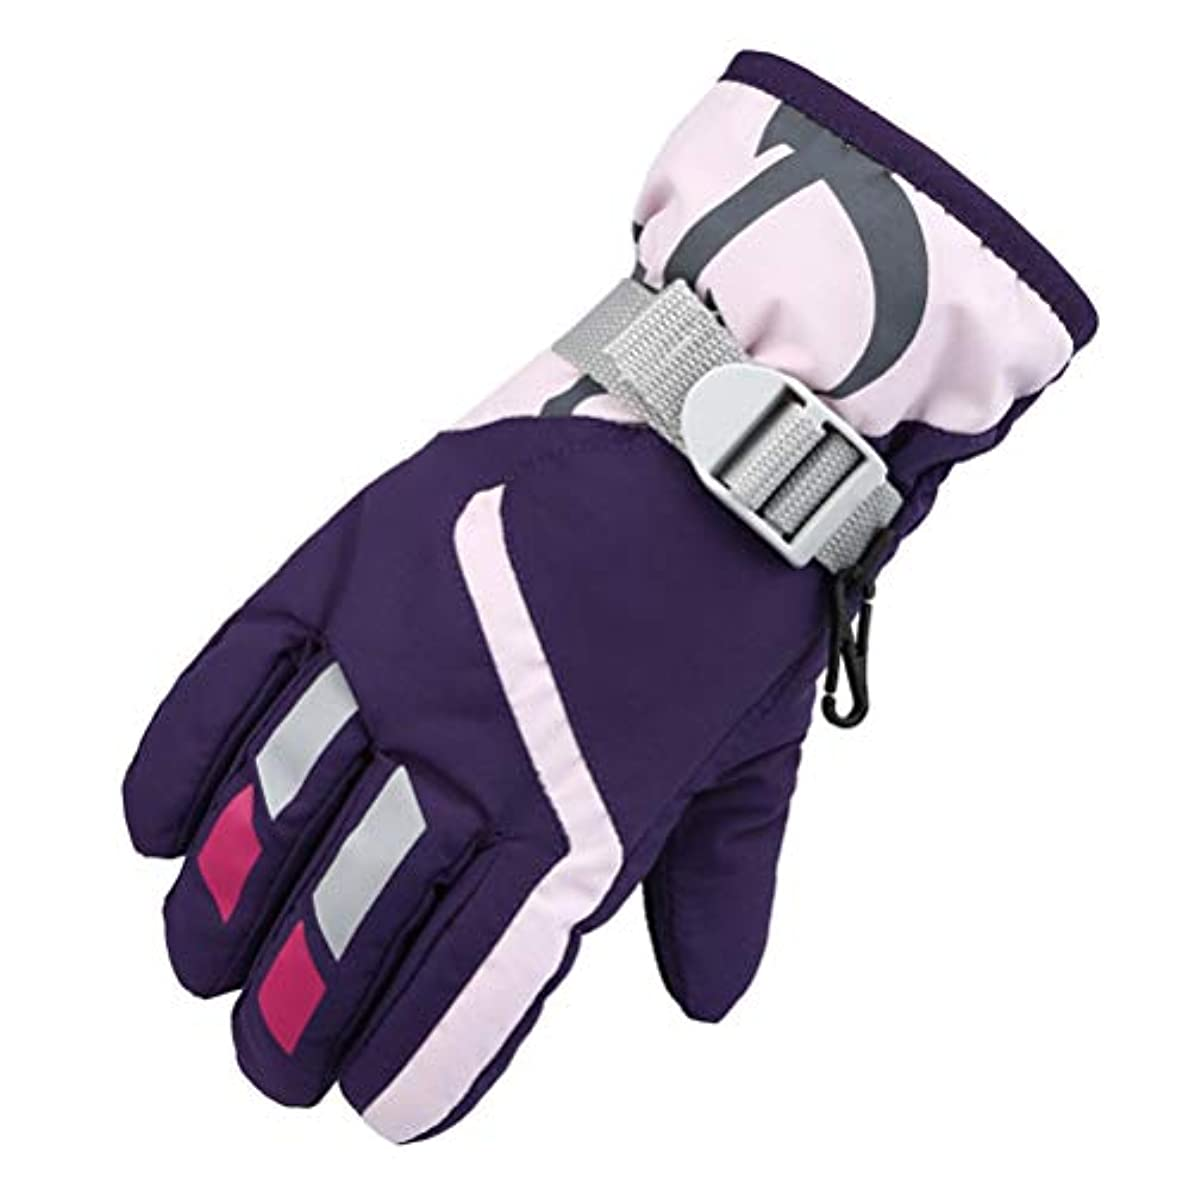 蒸発突き刺す彼自身TAIPPAN 子供用スキー手袋冬は、暖かい手袋調節可能な耐寒性手袋厚く防寒グローブ 保温 冬 厚手 革 防寒 スポーツグローブ